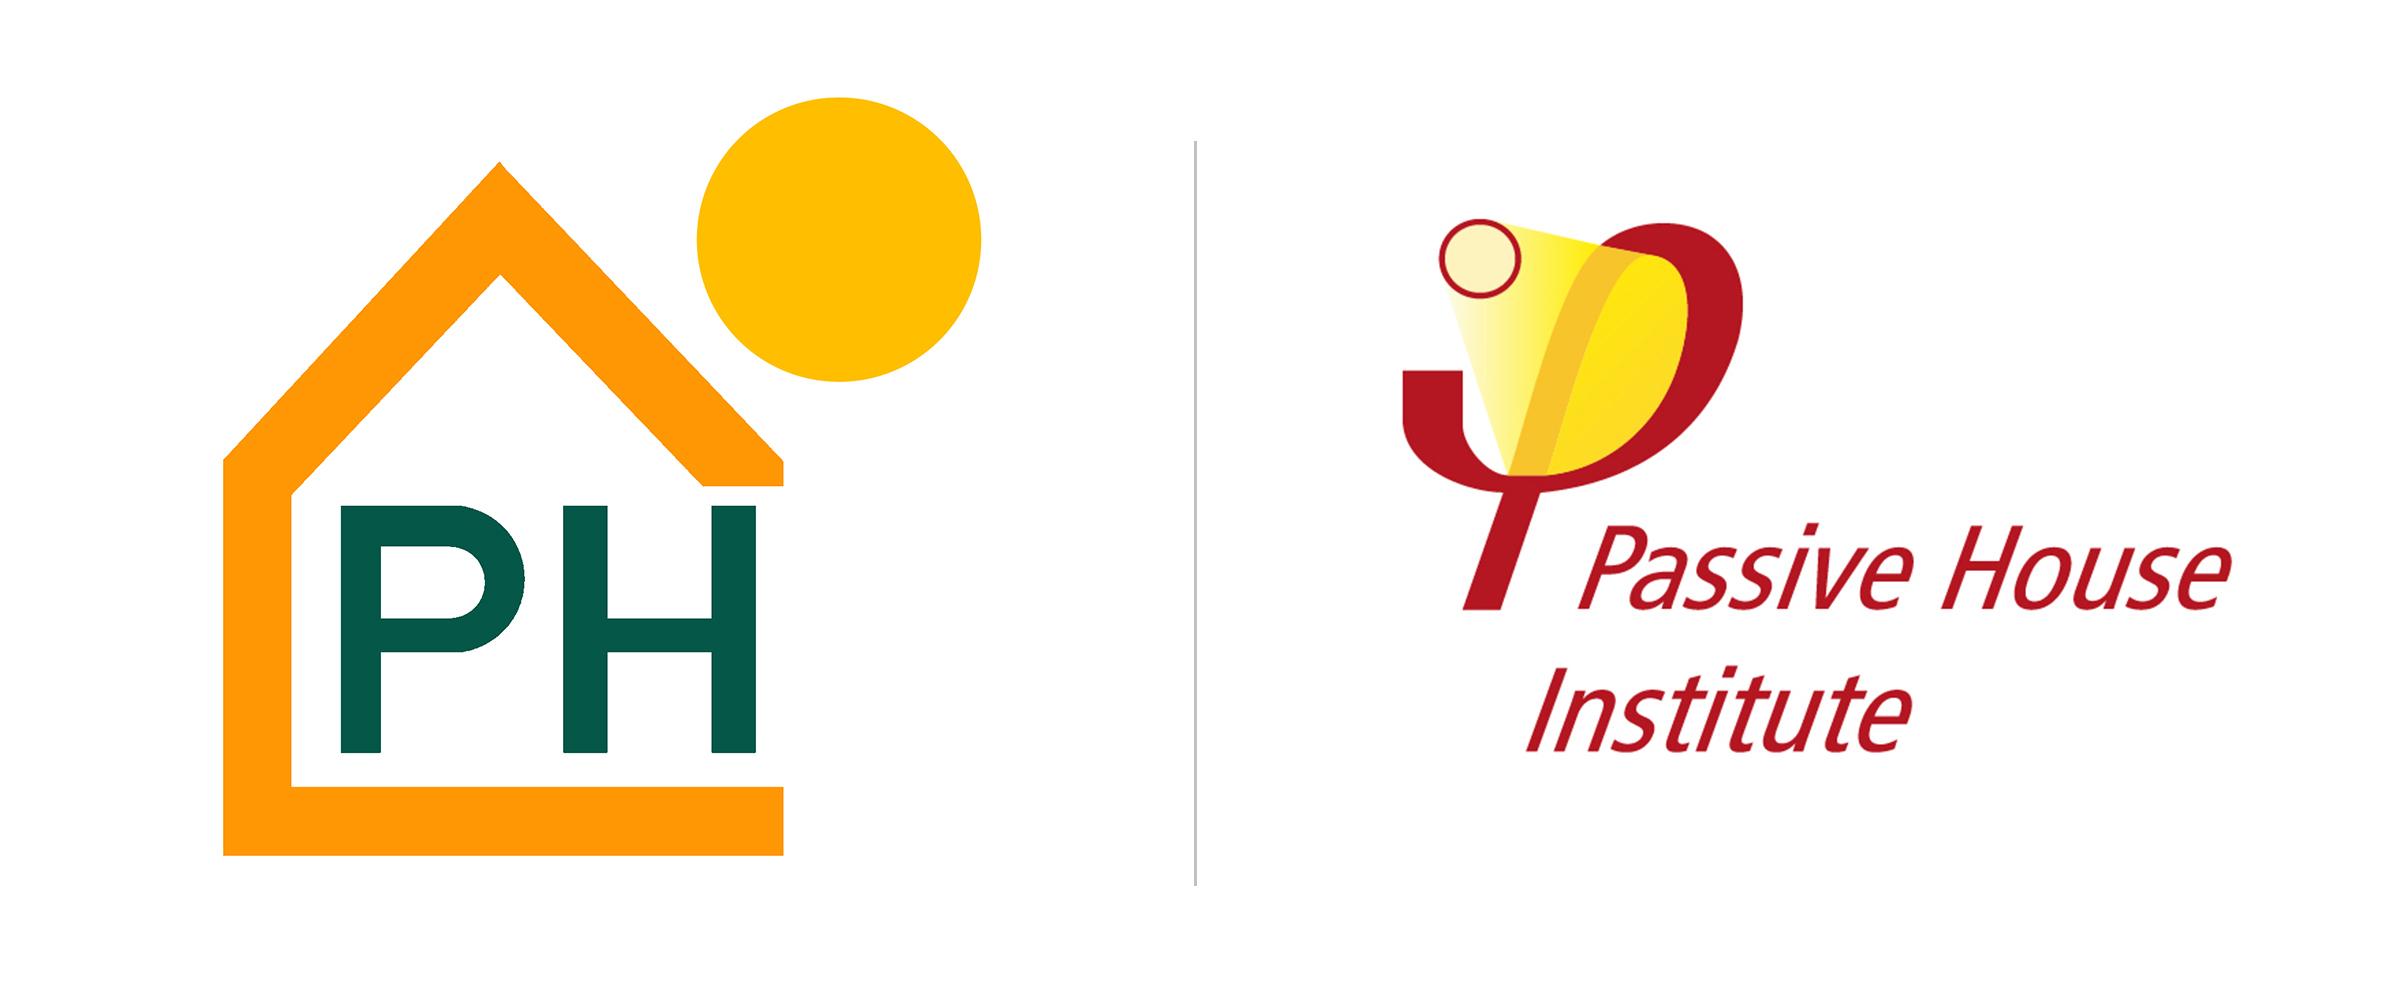 passive-house-logo2.jpg?mtime=20200831104536#asset:39045